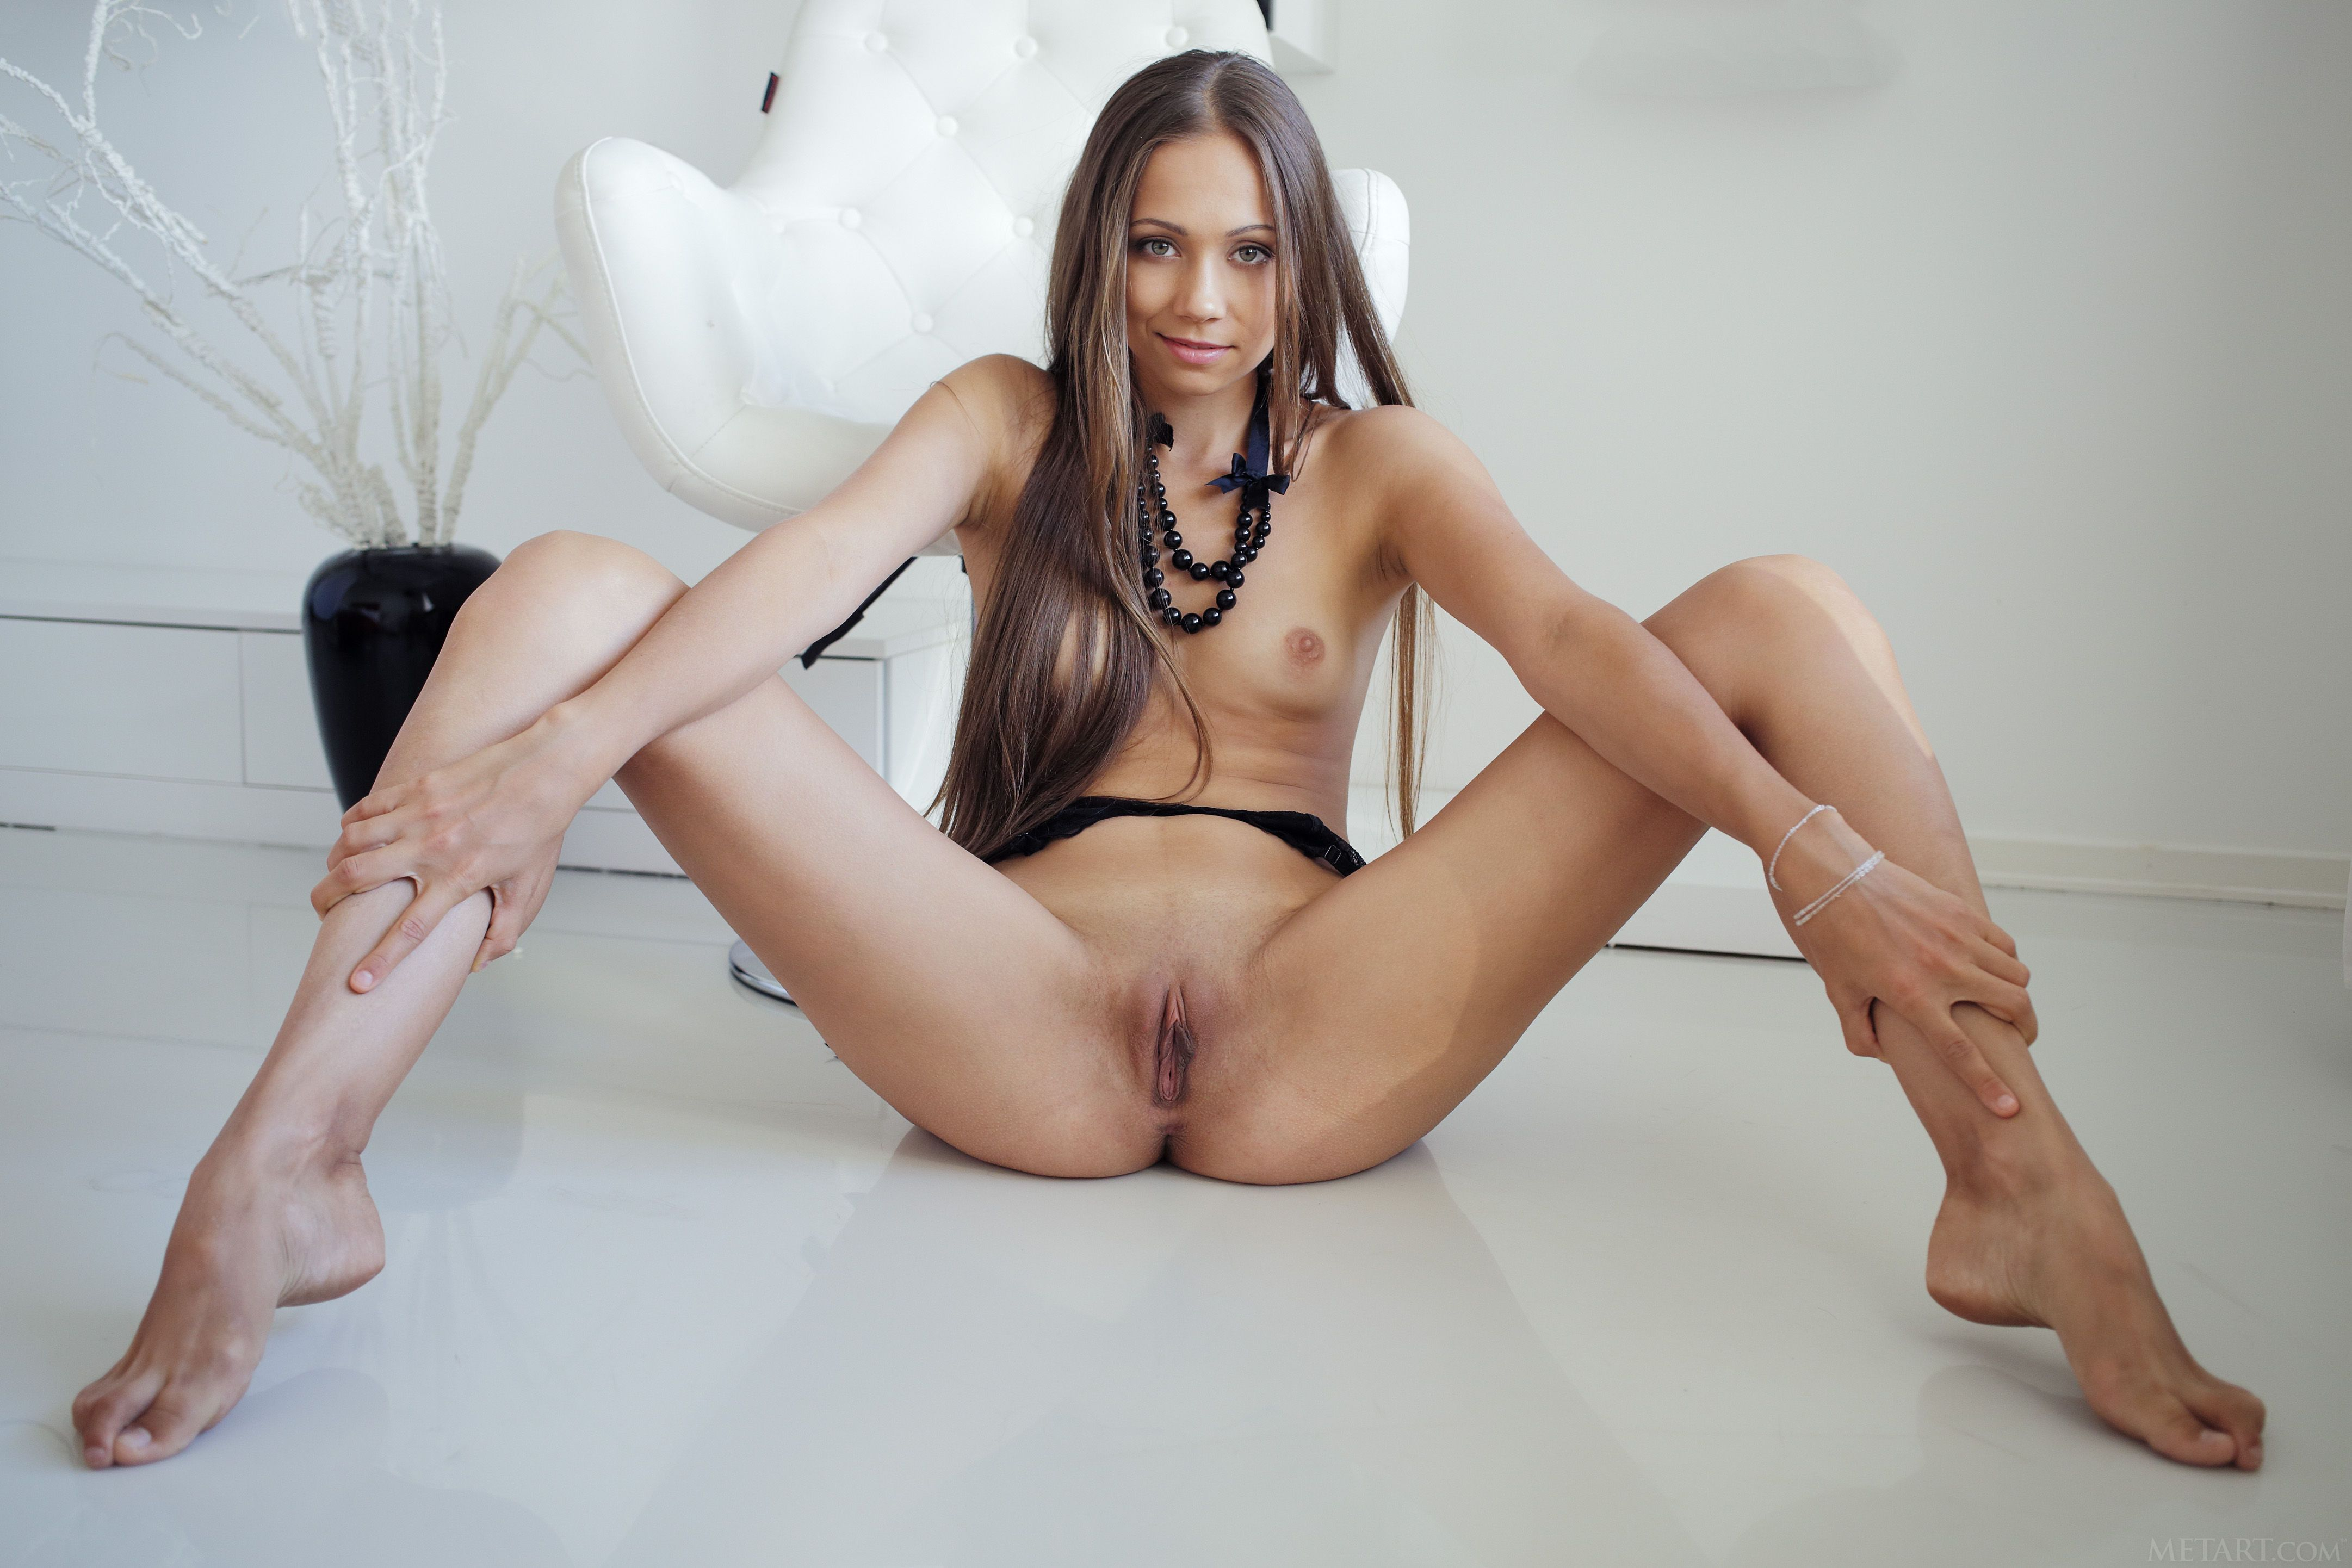 Фильмы голые ножки порно фото челябинска